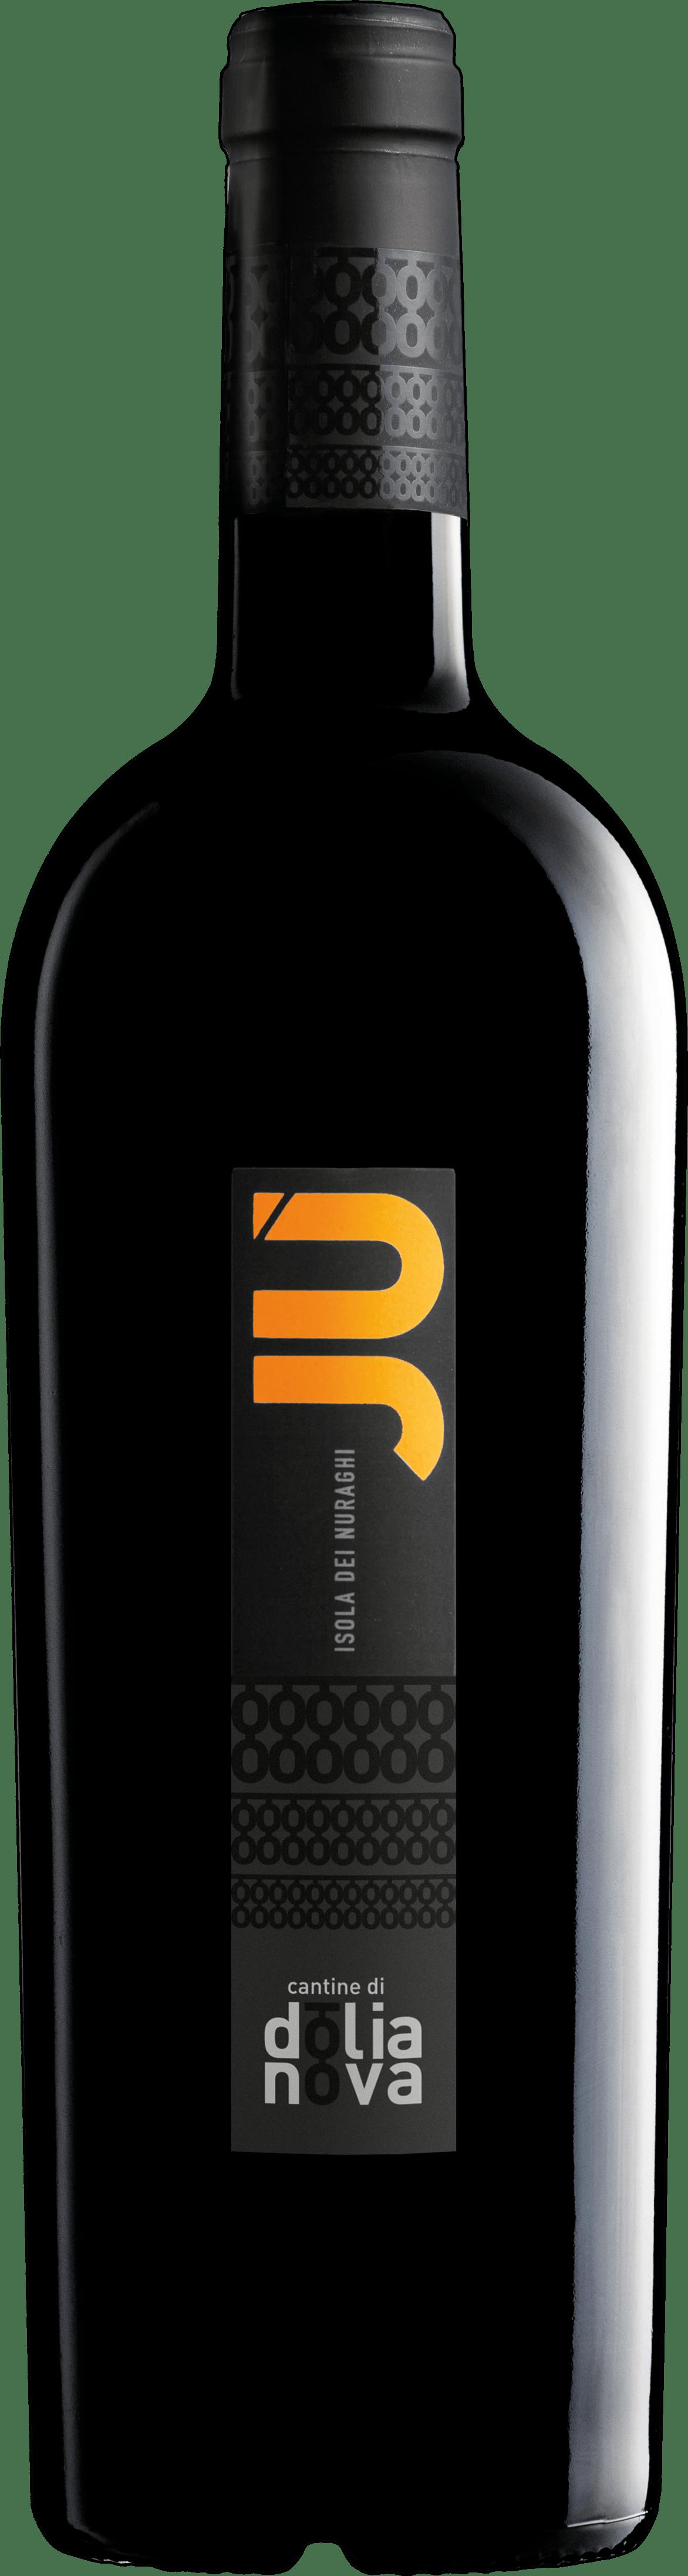 Jù, il vino che sfida i grandi vini.